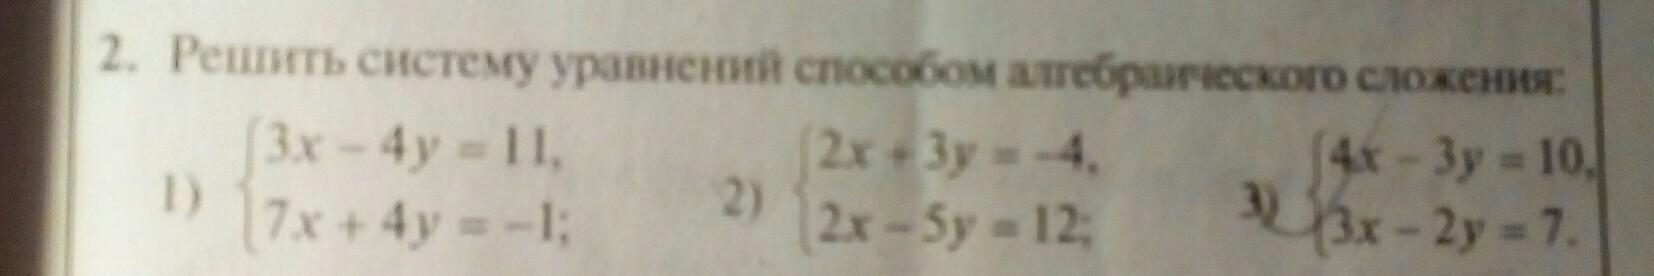 Решите систему уравнений способом алгебраического сложения!!! помогите плиз срочно